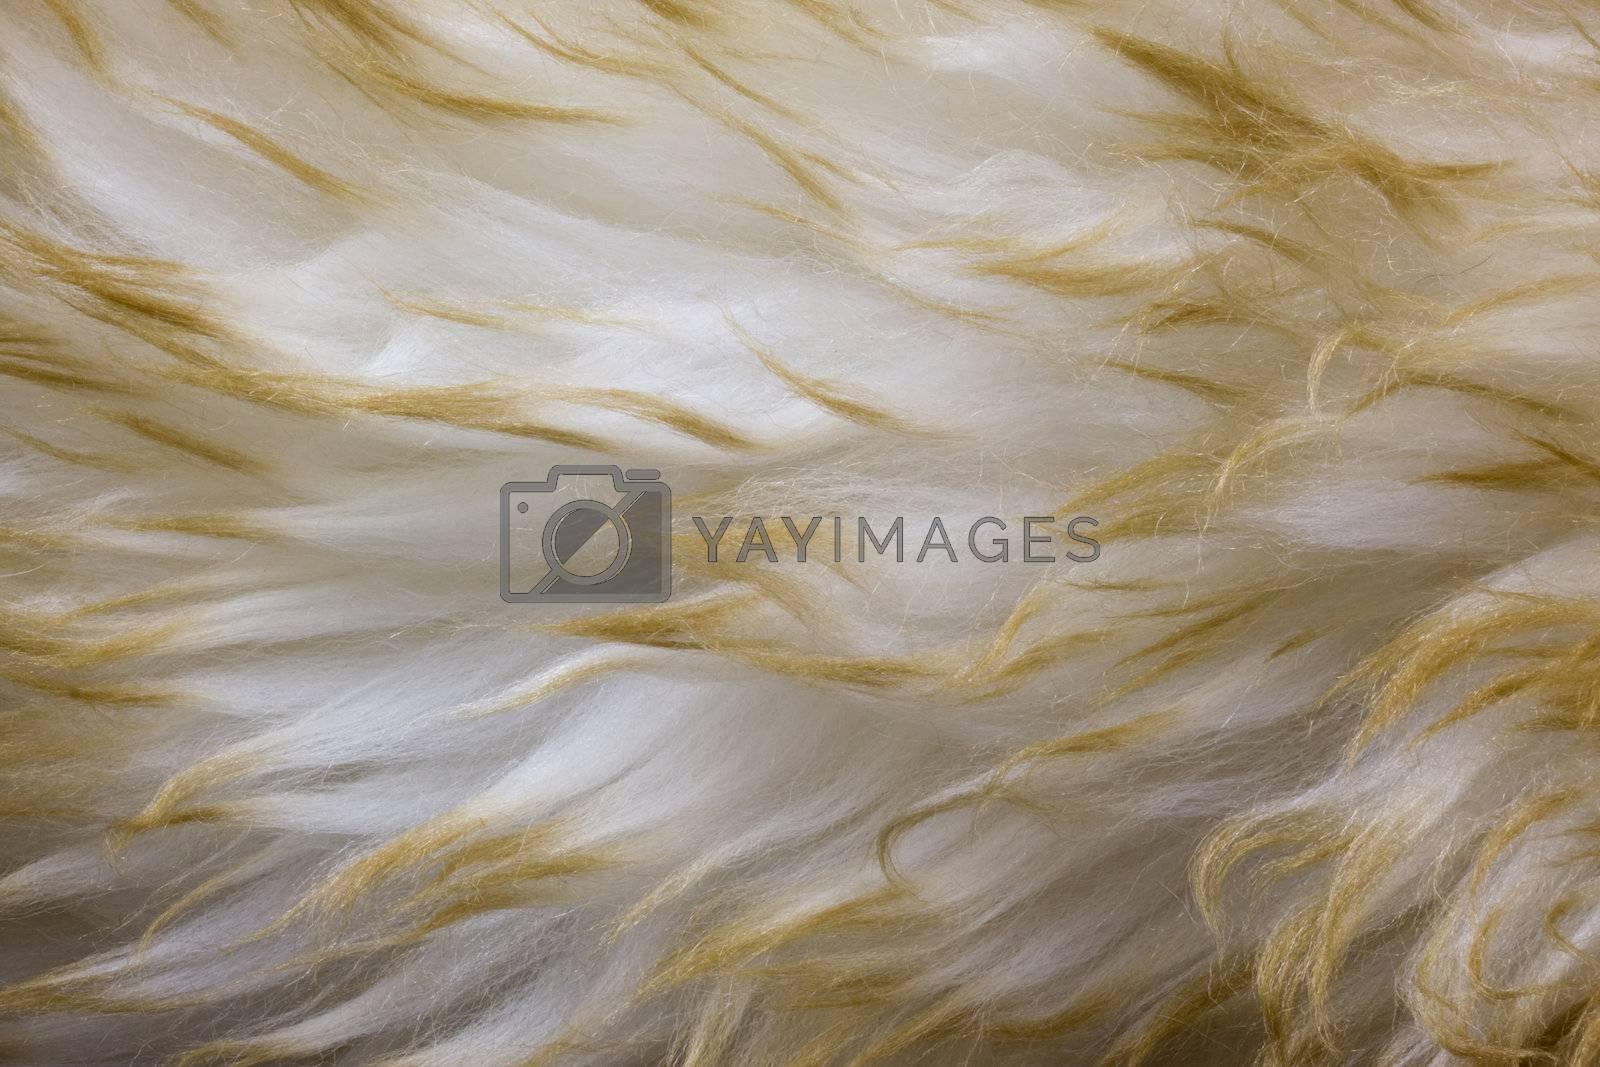 fur background - macto of Australian lambskin macro a wavy pattern